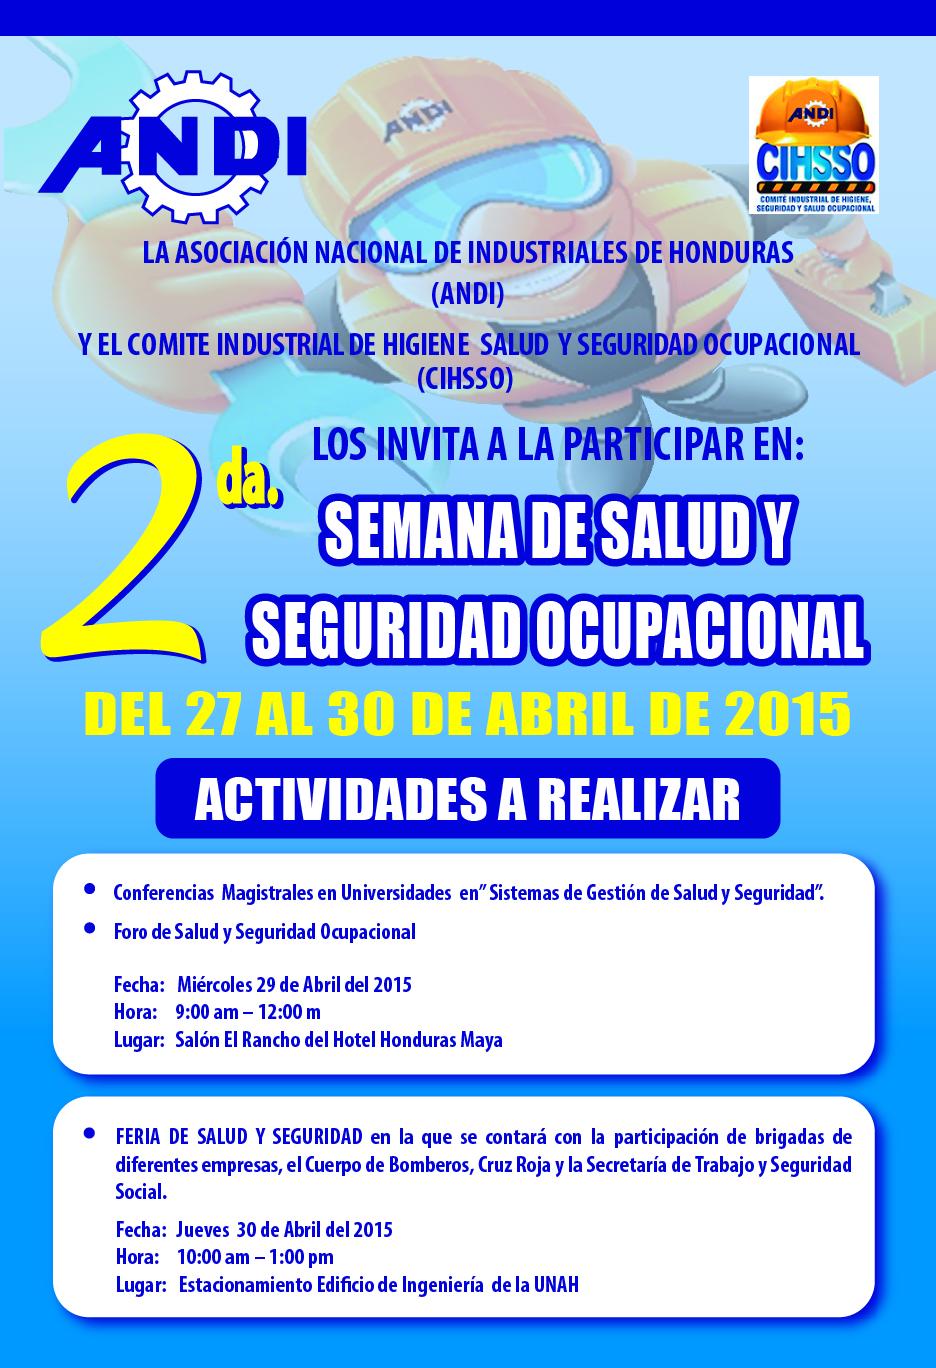 Semana Salud y Seguridad Ocupacional